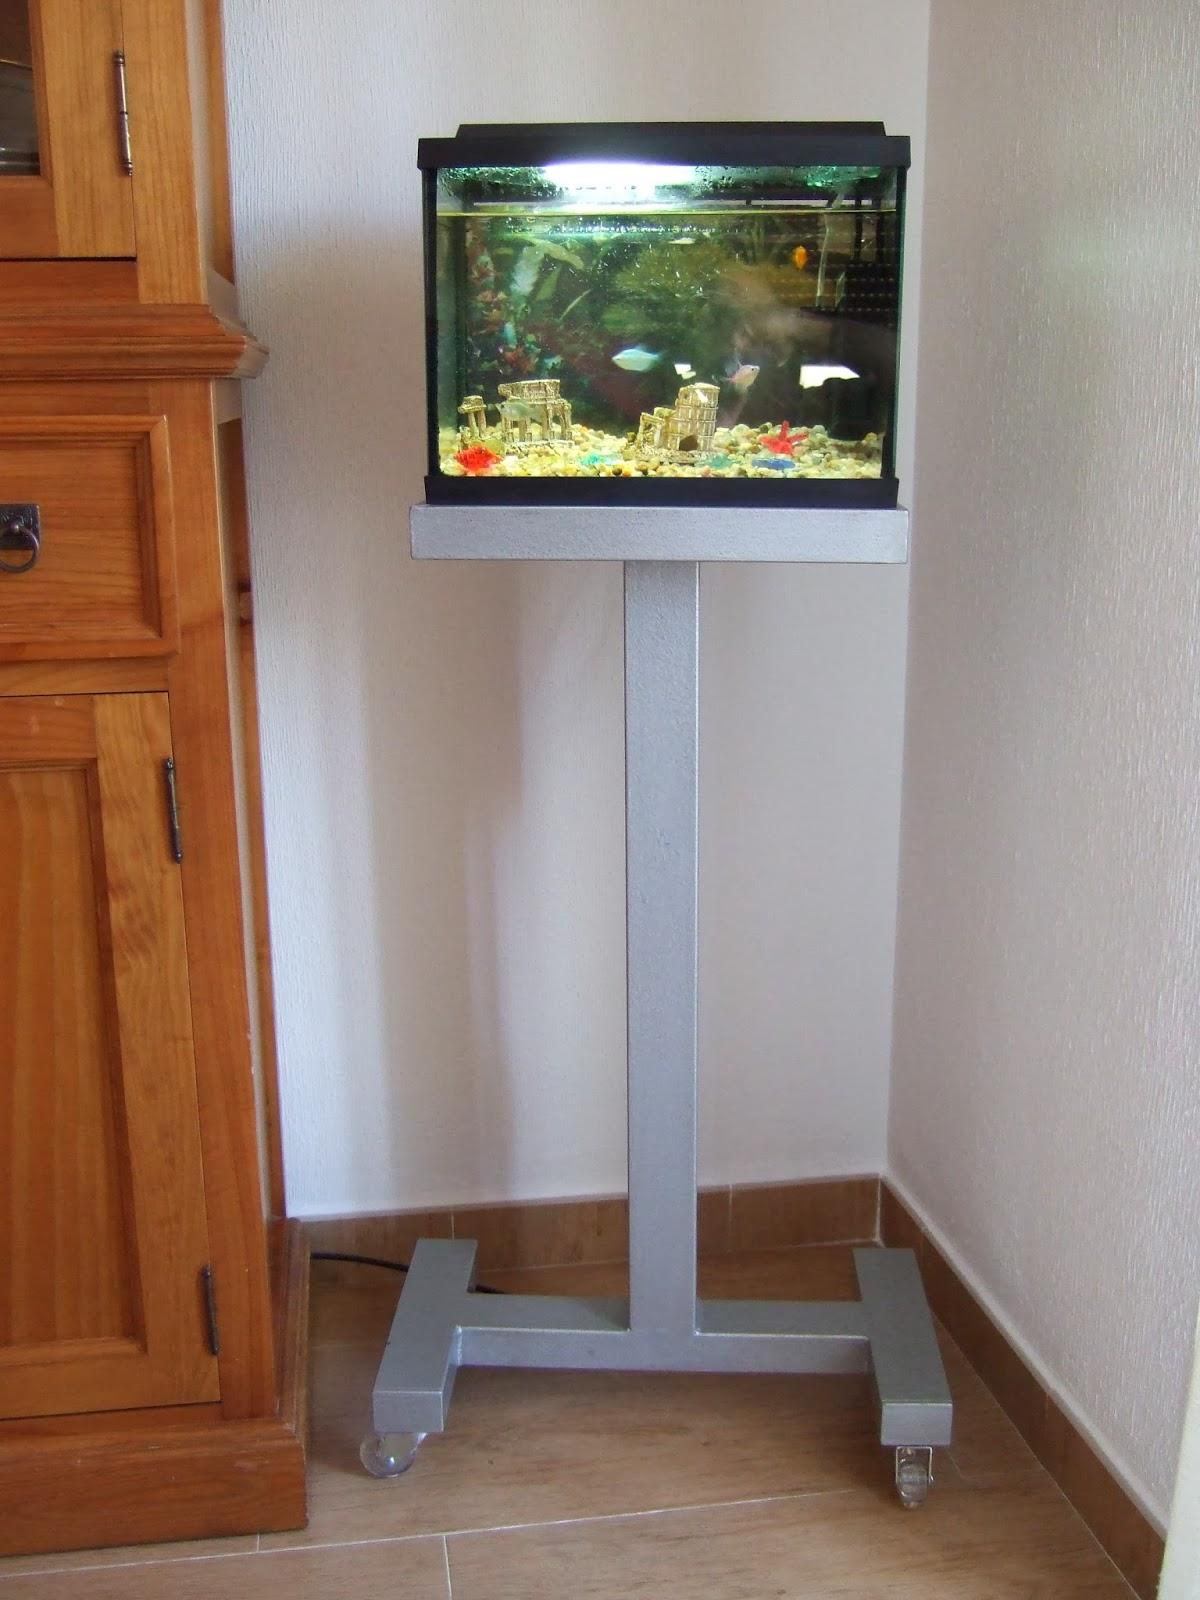 Construccion de mueble aparador para acuario portalpez for Mueble acuario